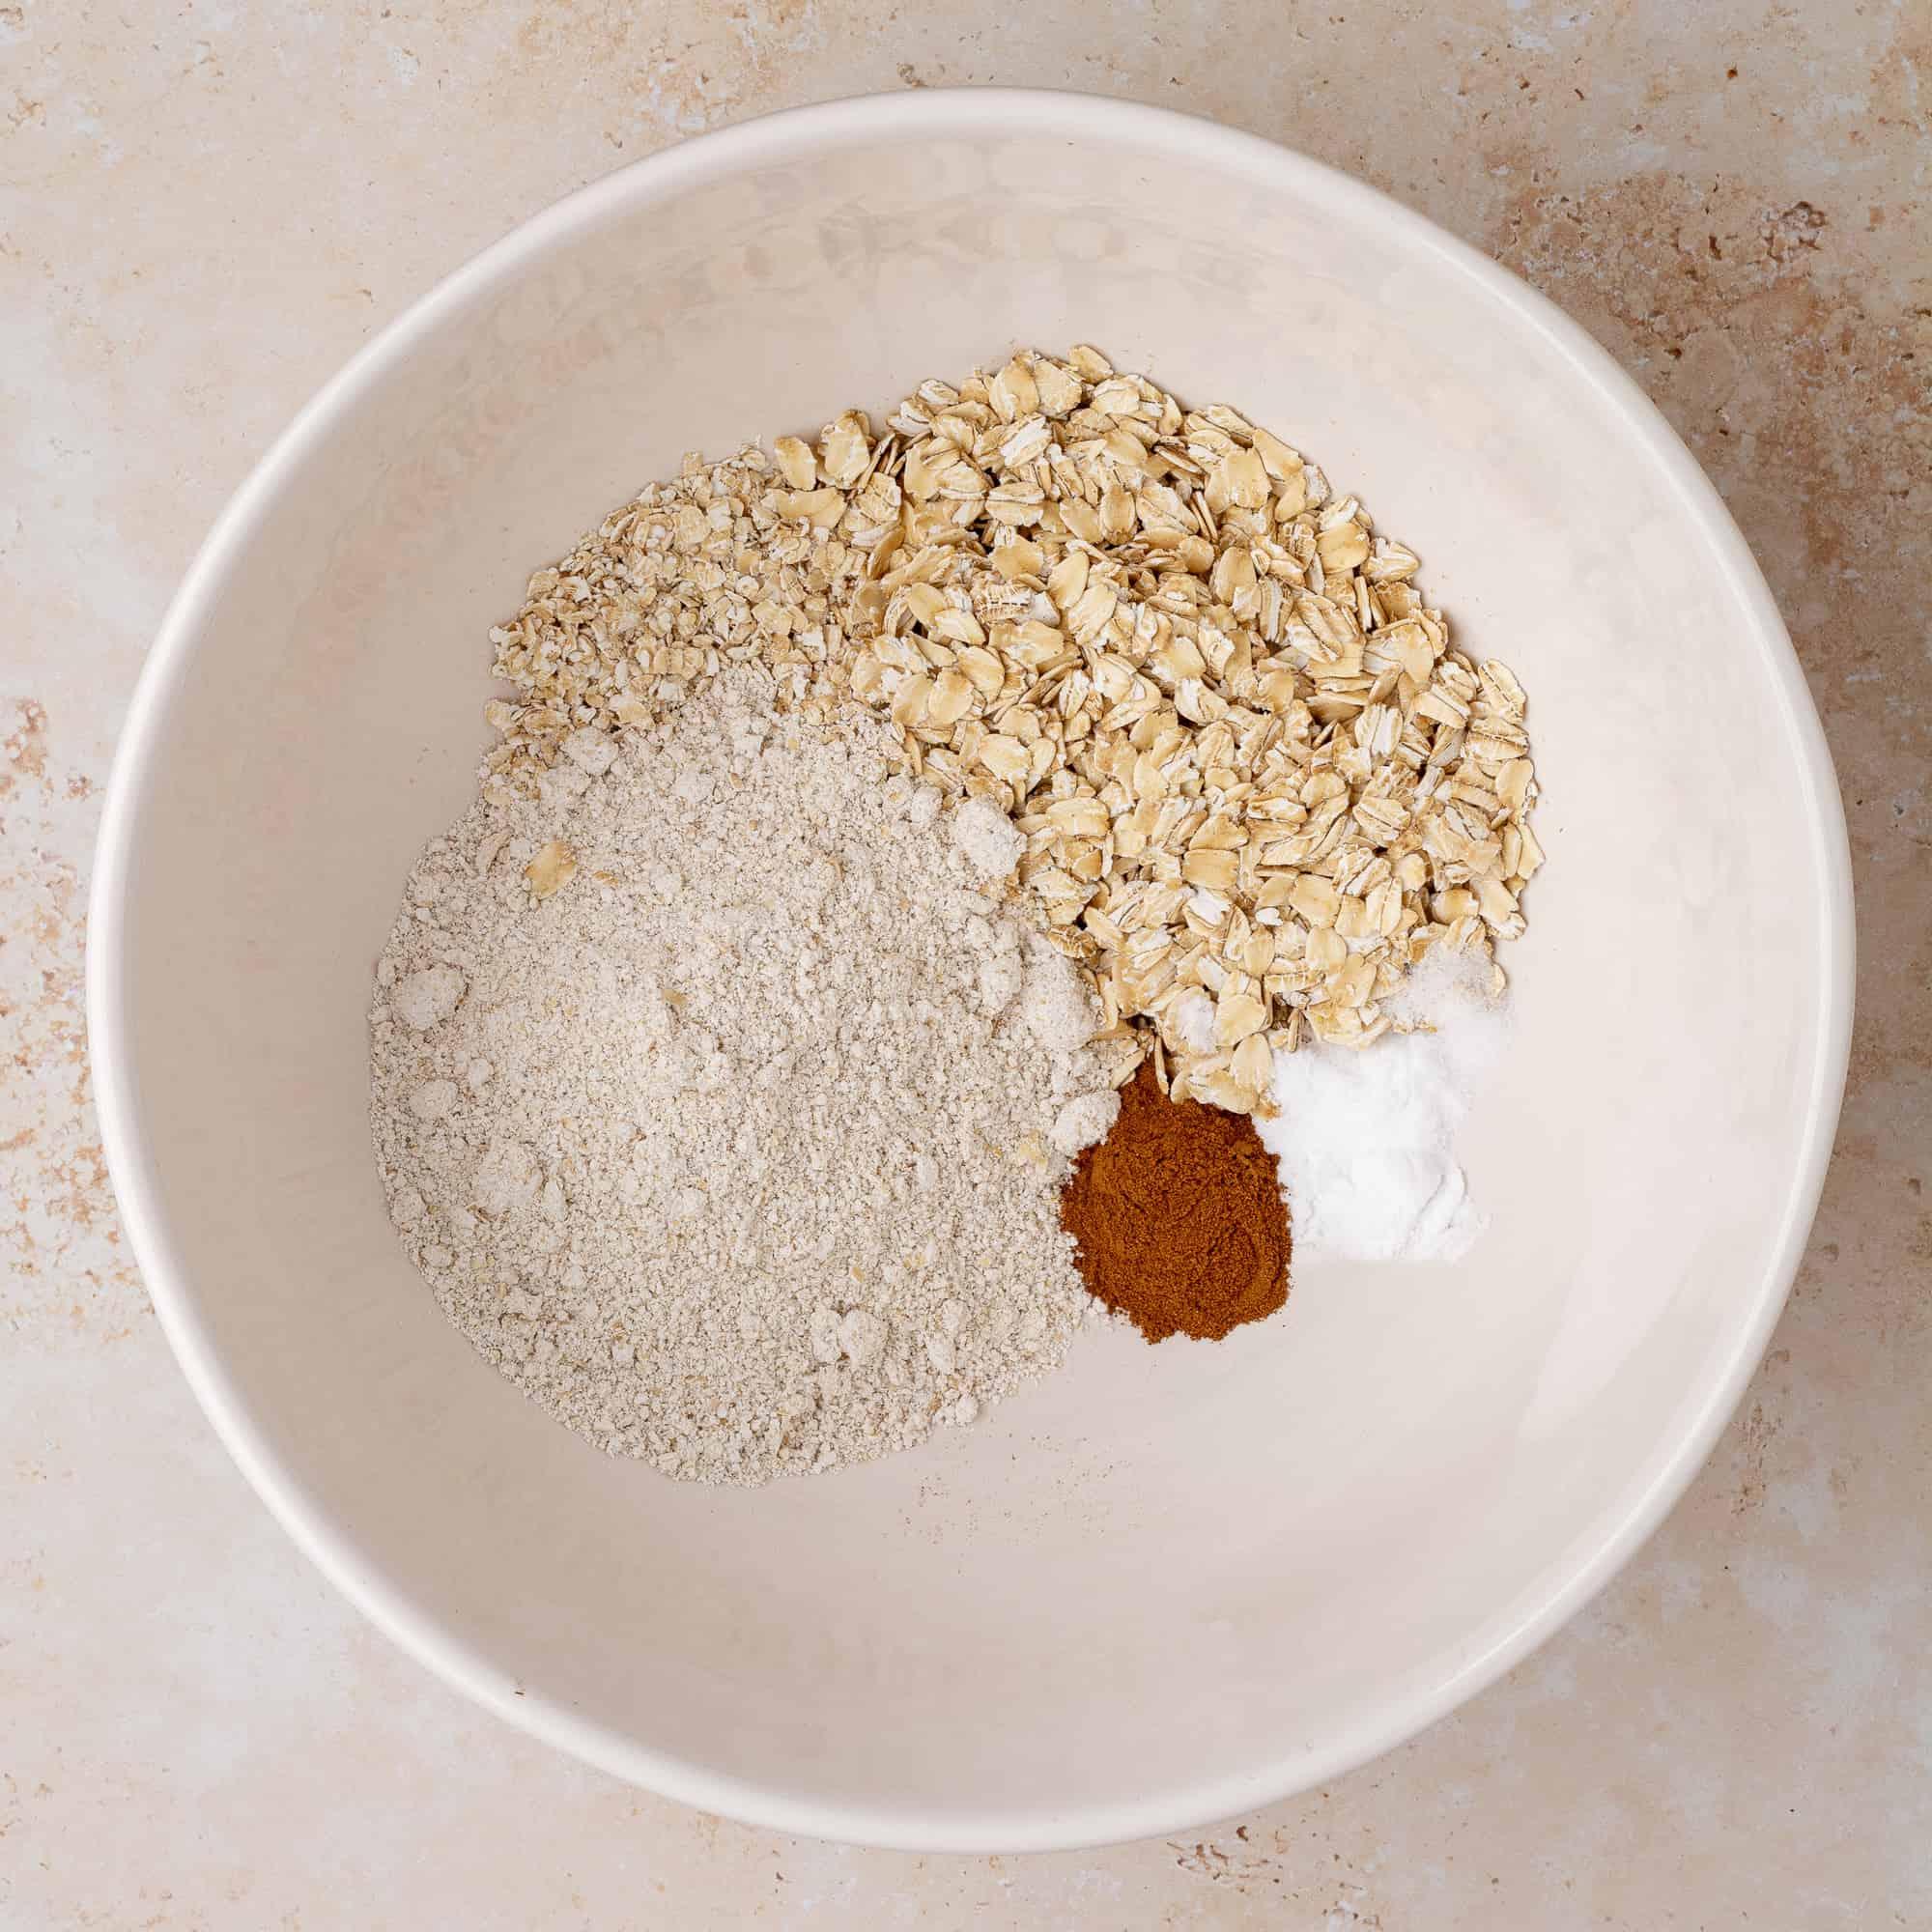 oat flour, oats, cinnamon, baking soda, and salt in a bowl